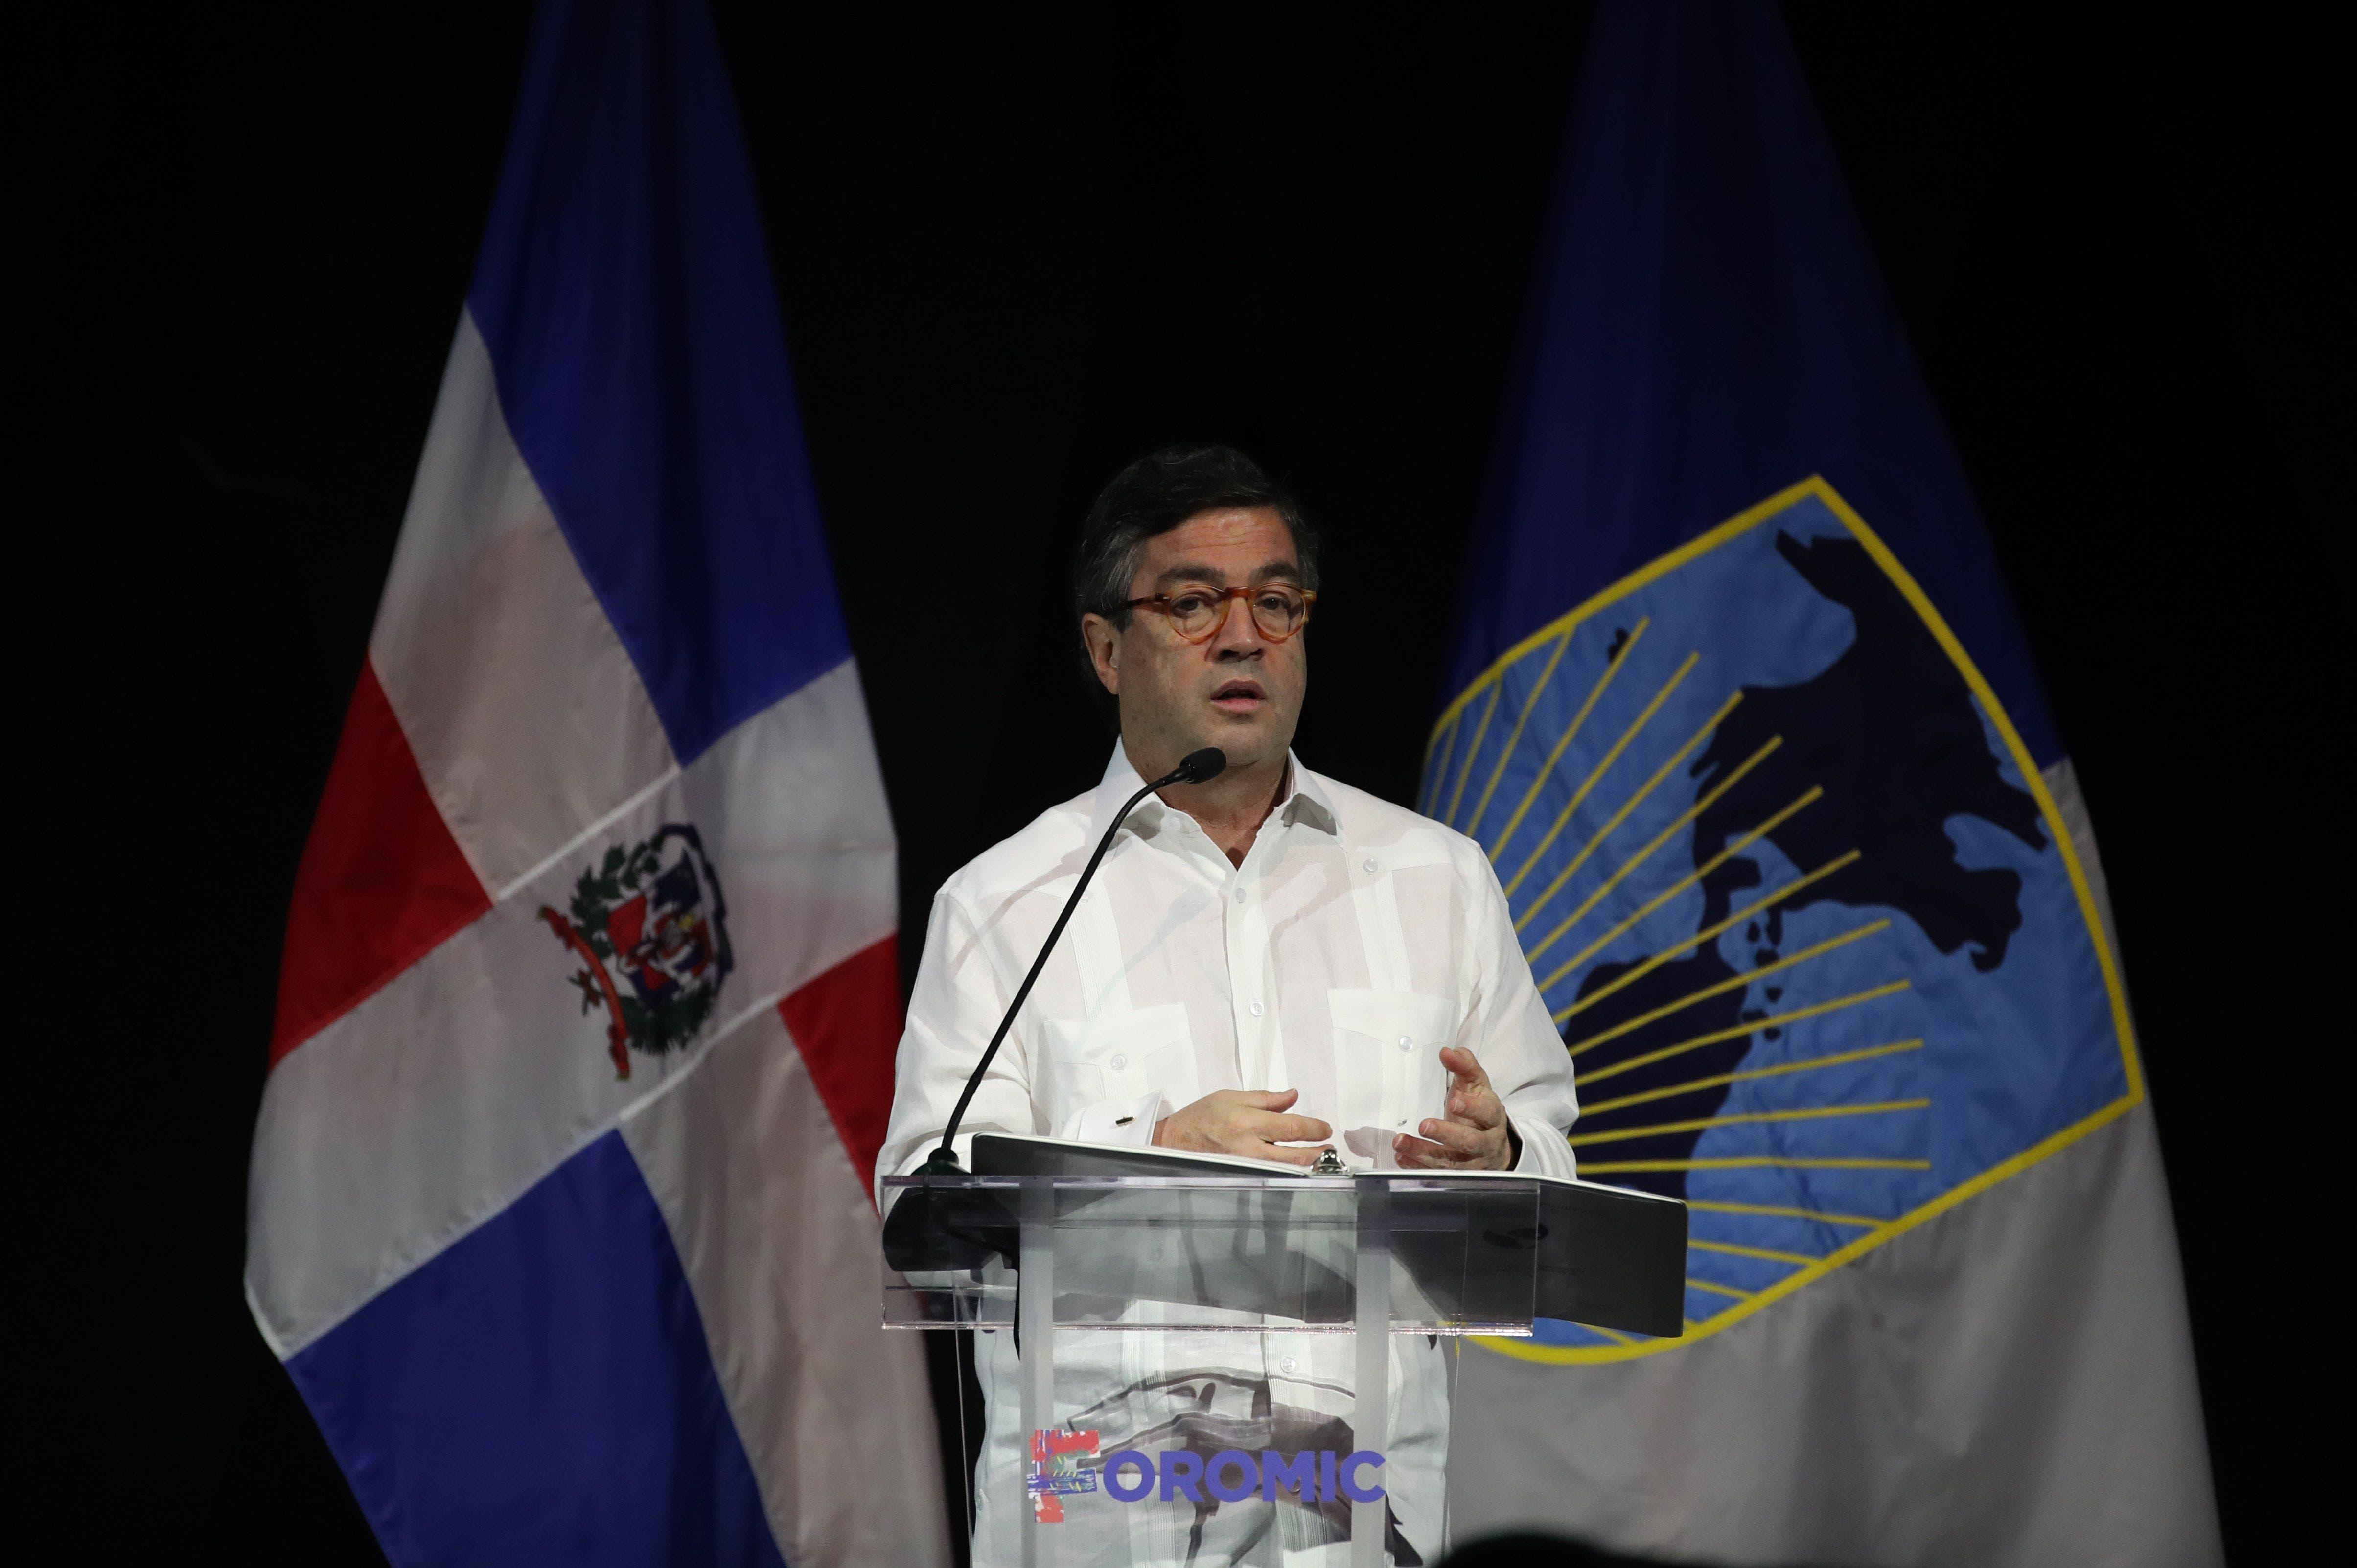 Presidente del BID resalta crecimiento de RD e impulso de políticas públicas estructurales